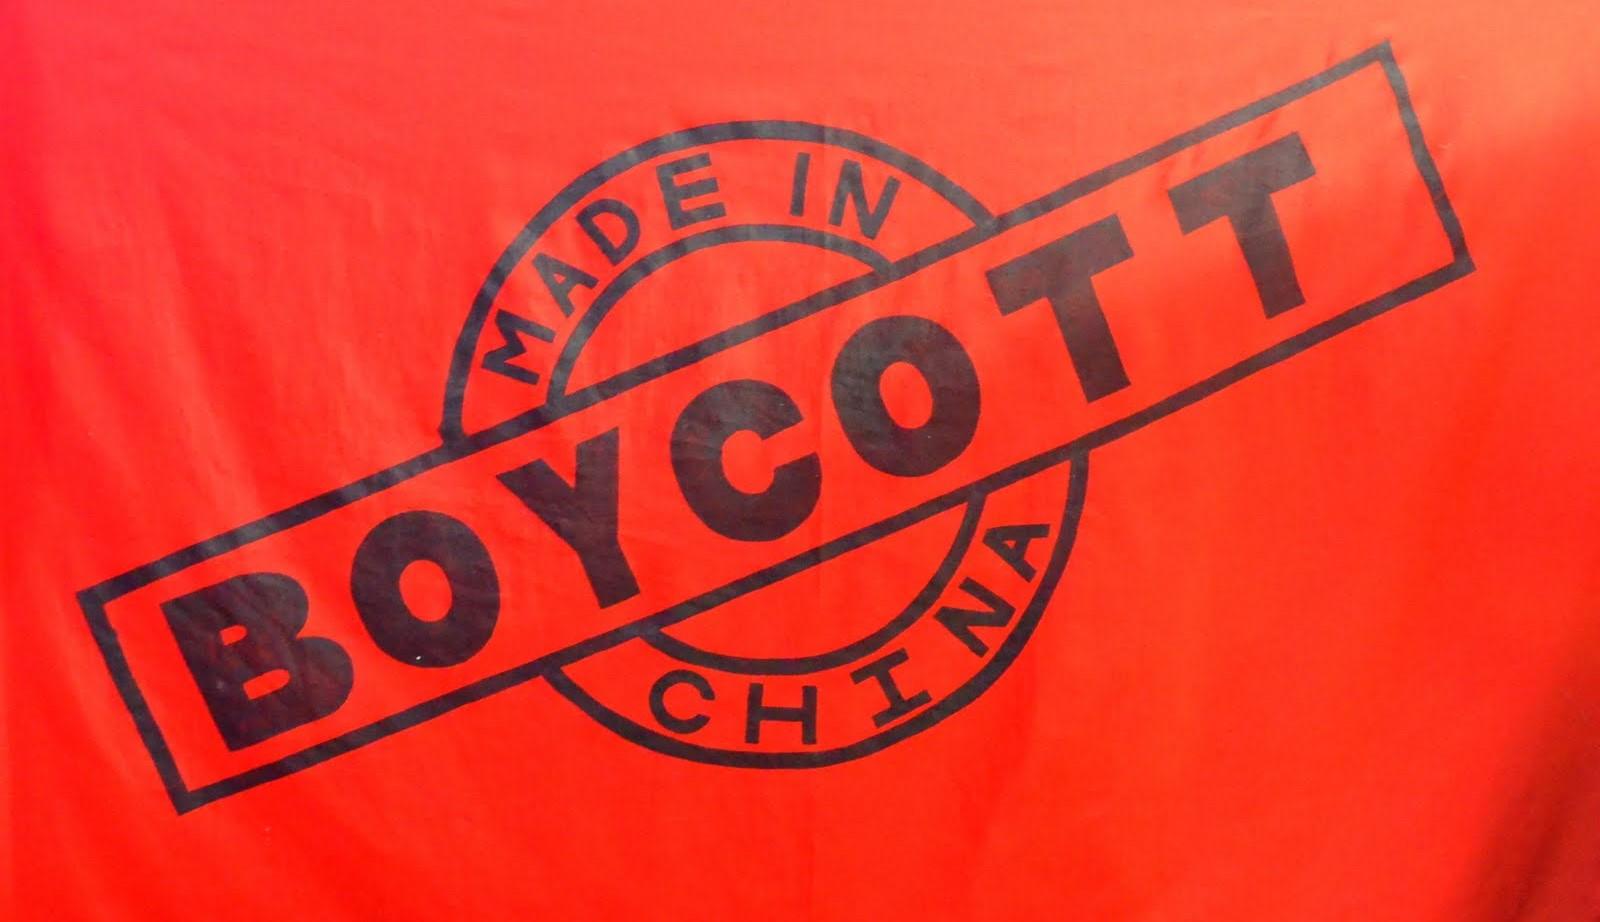 Boycott china - Thinking tech